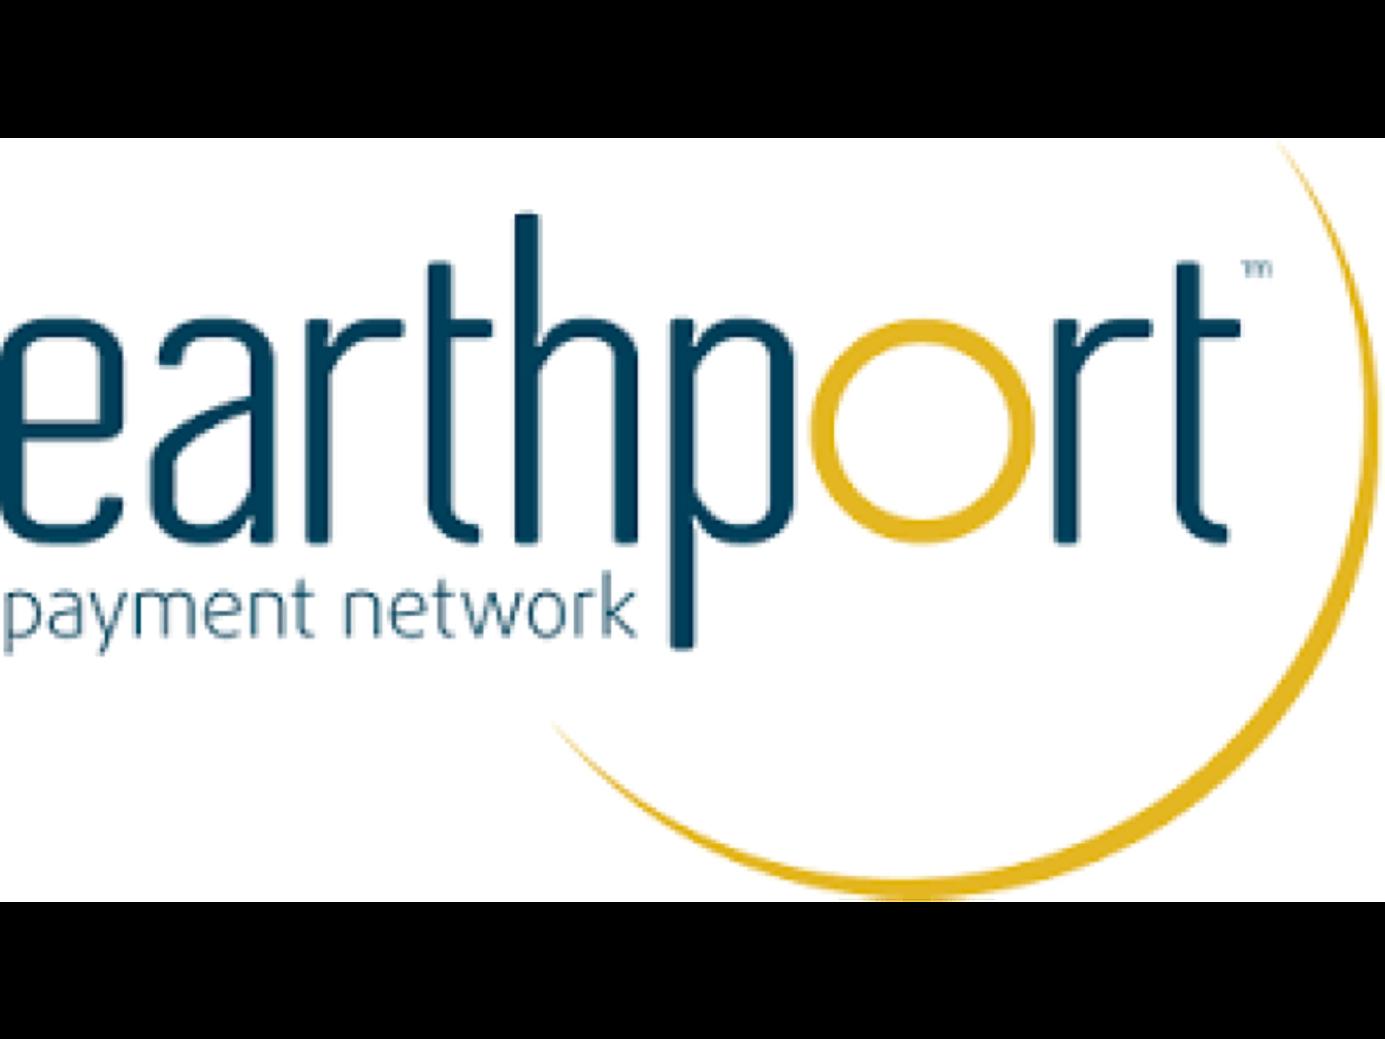 Lari exchange logo